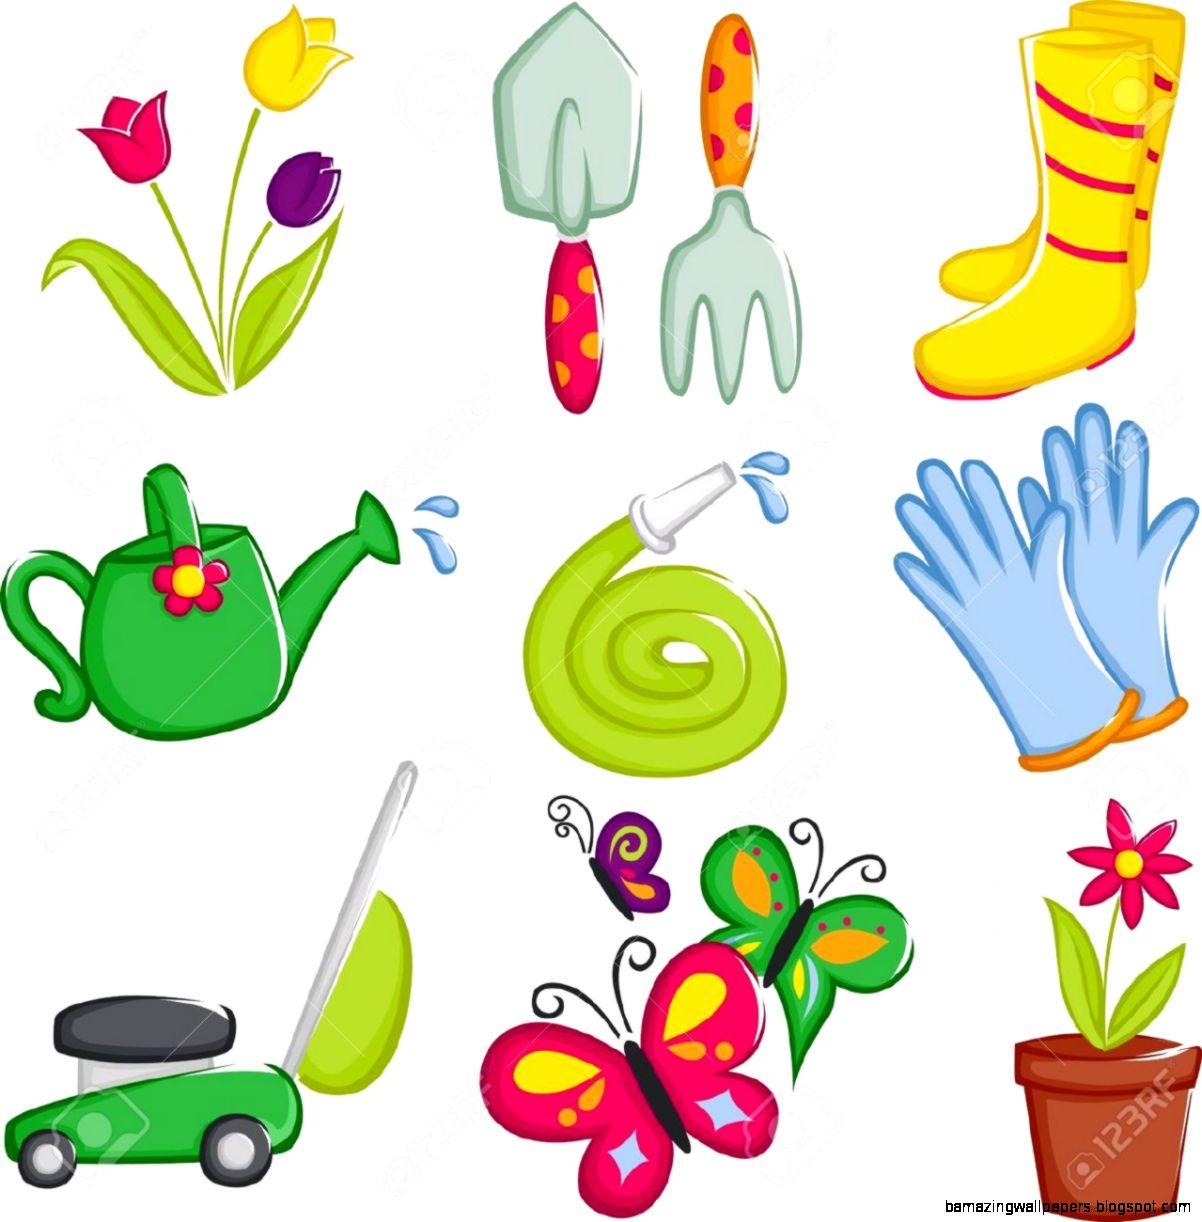 Spring Gardening Clip Art   gardening tools stock illustrations